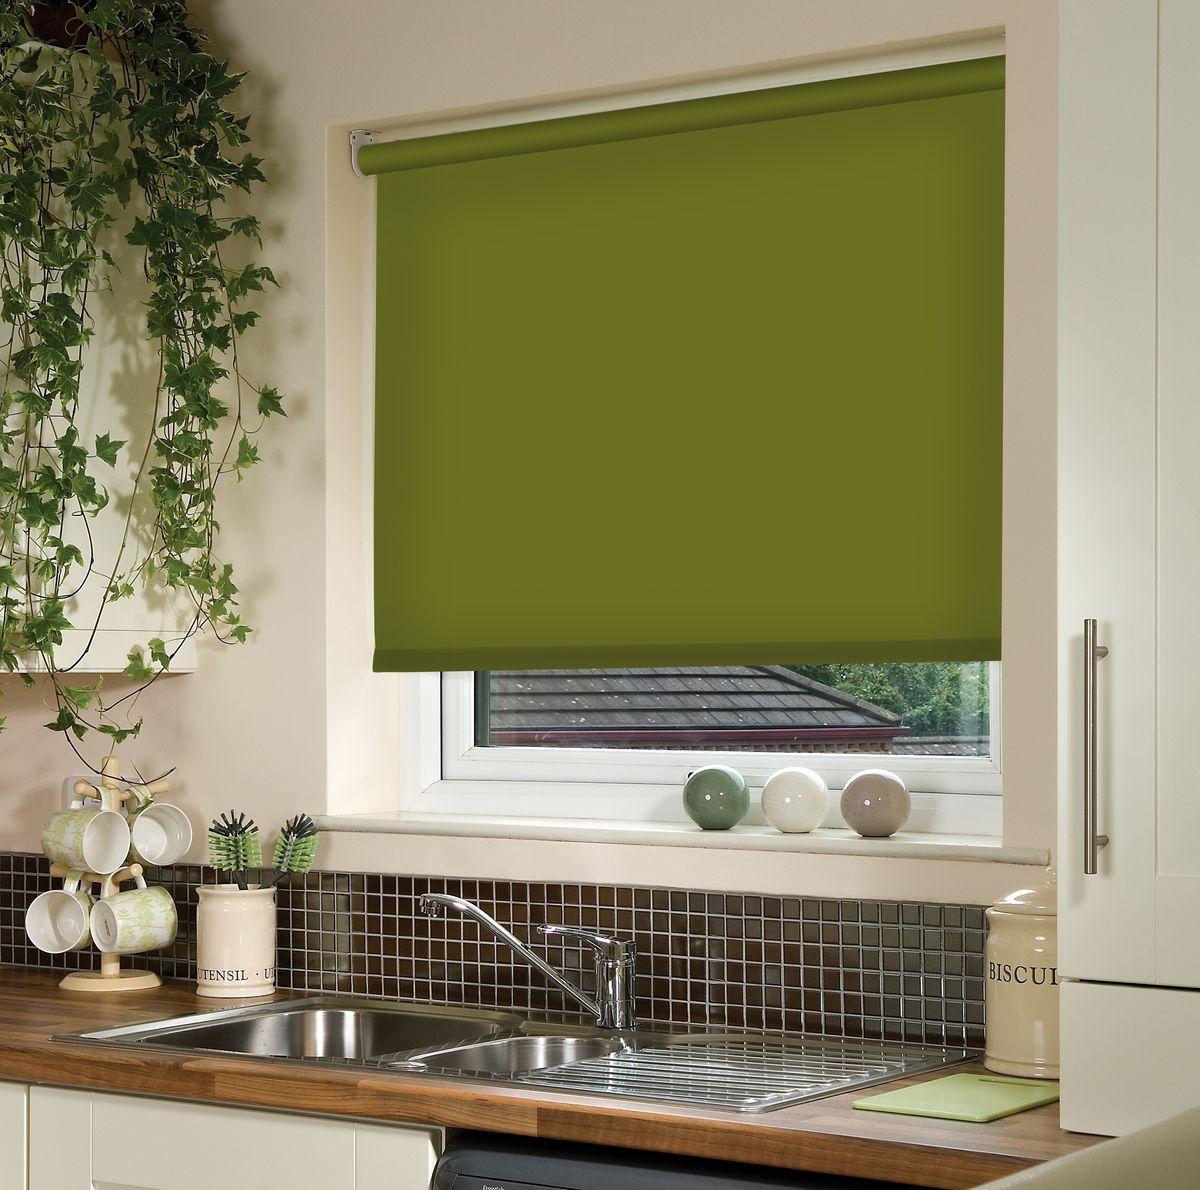 Штора рулонная Эскар, цвет: темно-оливковый, ширина 80 см, высота 170 см81018080170Рулонными шторами можно оформлять окна как самостоятельно, так и использовать в комбинации с портьерами. Это поможет предотвратить выгорание дорогой ткани на солнце и соединит функционал рулонных с красотой навесных.Преимущества применения рулонных штор для пластиковых окон:- имеют прекрасный внешний вид: многообразие и фактурность материала изделия отлично смотрятся в любом интерьере; - многофункциональны: есть возможность подобрать шторы способные эффективно защитить комнату от солнца, при этом о на не будет слишком темной. - Есть возможность осуществить быстрый монтаж. ВНИМАНИЕ! Размеры ширины изделия указаны по ширине ткани!Во время эксплуатации не рекомендуется полностью разматывать рулон, чтобы не оторвать ткань от намоточного вала.В случае загрязнения поверхности ткани, чистку шторы проводят одним из способов, в зависимости от типа загрязнения: легкое поверхностное загрязнение можно удалить при помощи канцелярского ластика; чистка от пыли производится сухим методом при помощи пылесоса с мягкой щеткой-насадкой; для удаления пятна используйте мягкую губку с пенообразующим неагрессивным моющим средством или пятновыводитель на натуральной основе (нельзя применять растворители).